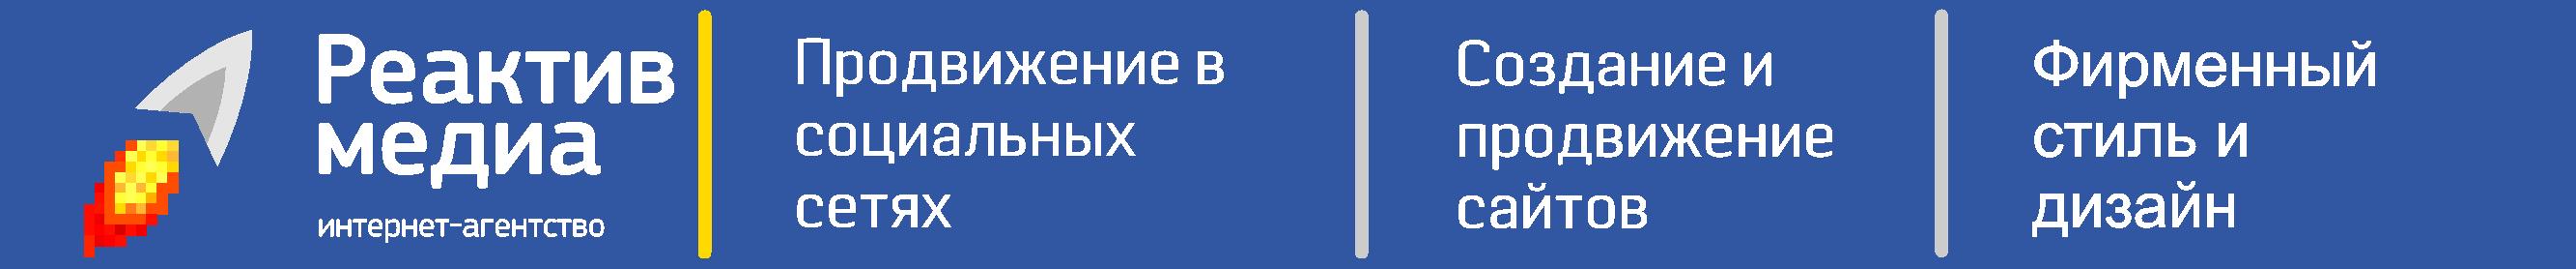 Интернет-агентство РЕАКТИВ МЕДИА